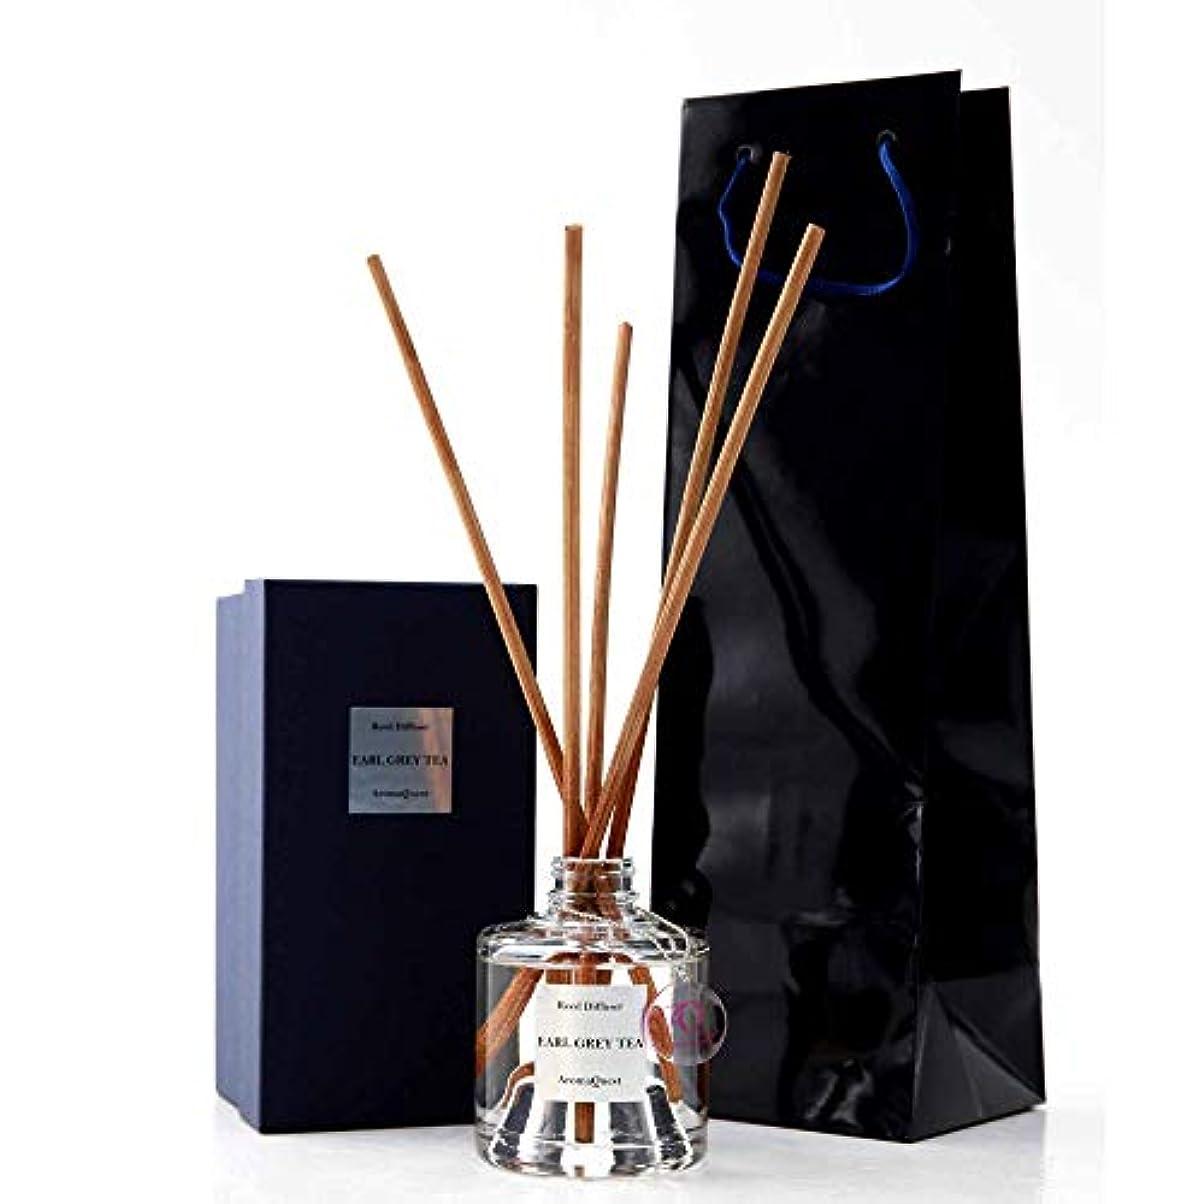 抵抗するバンジージャンプウェイトレスルームフレグランス リードディフューザー アロマディフューザー 150ml アールグレイティー EARL GREY TEA 紅茶の香り